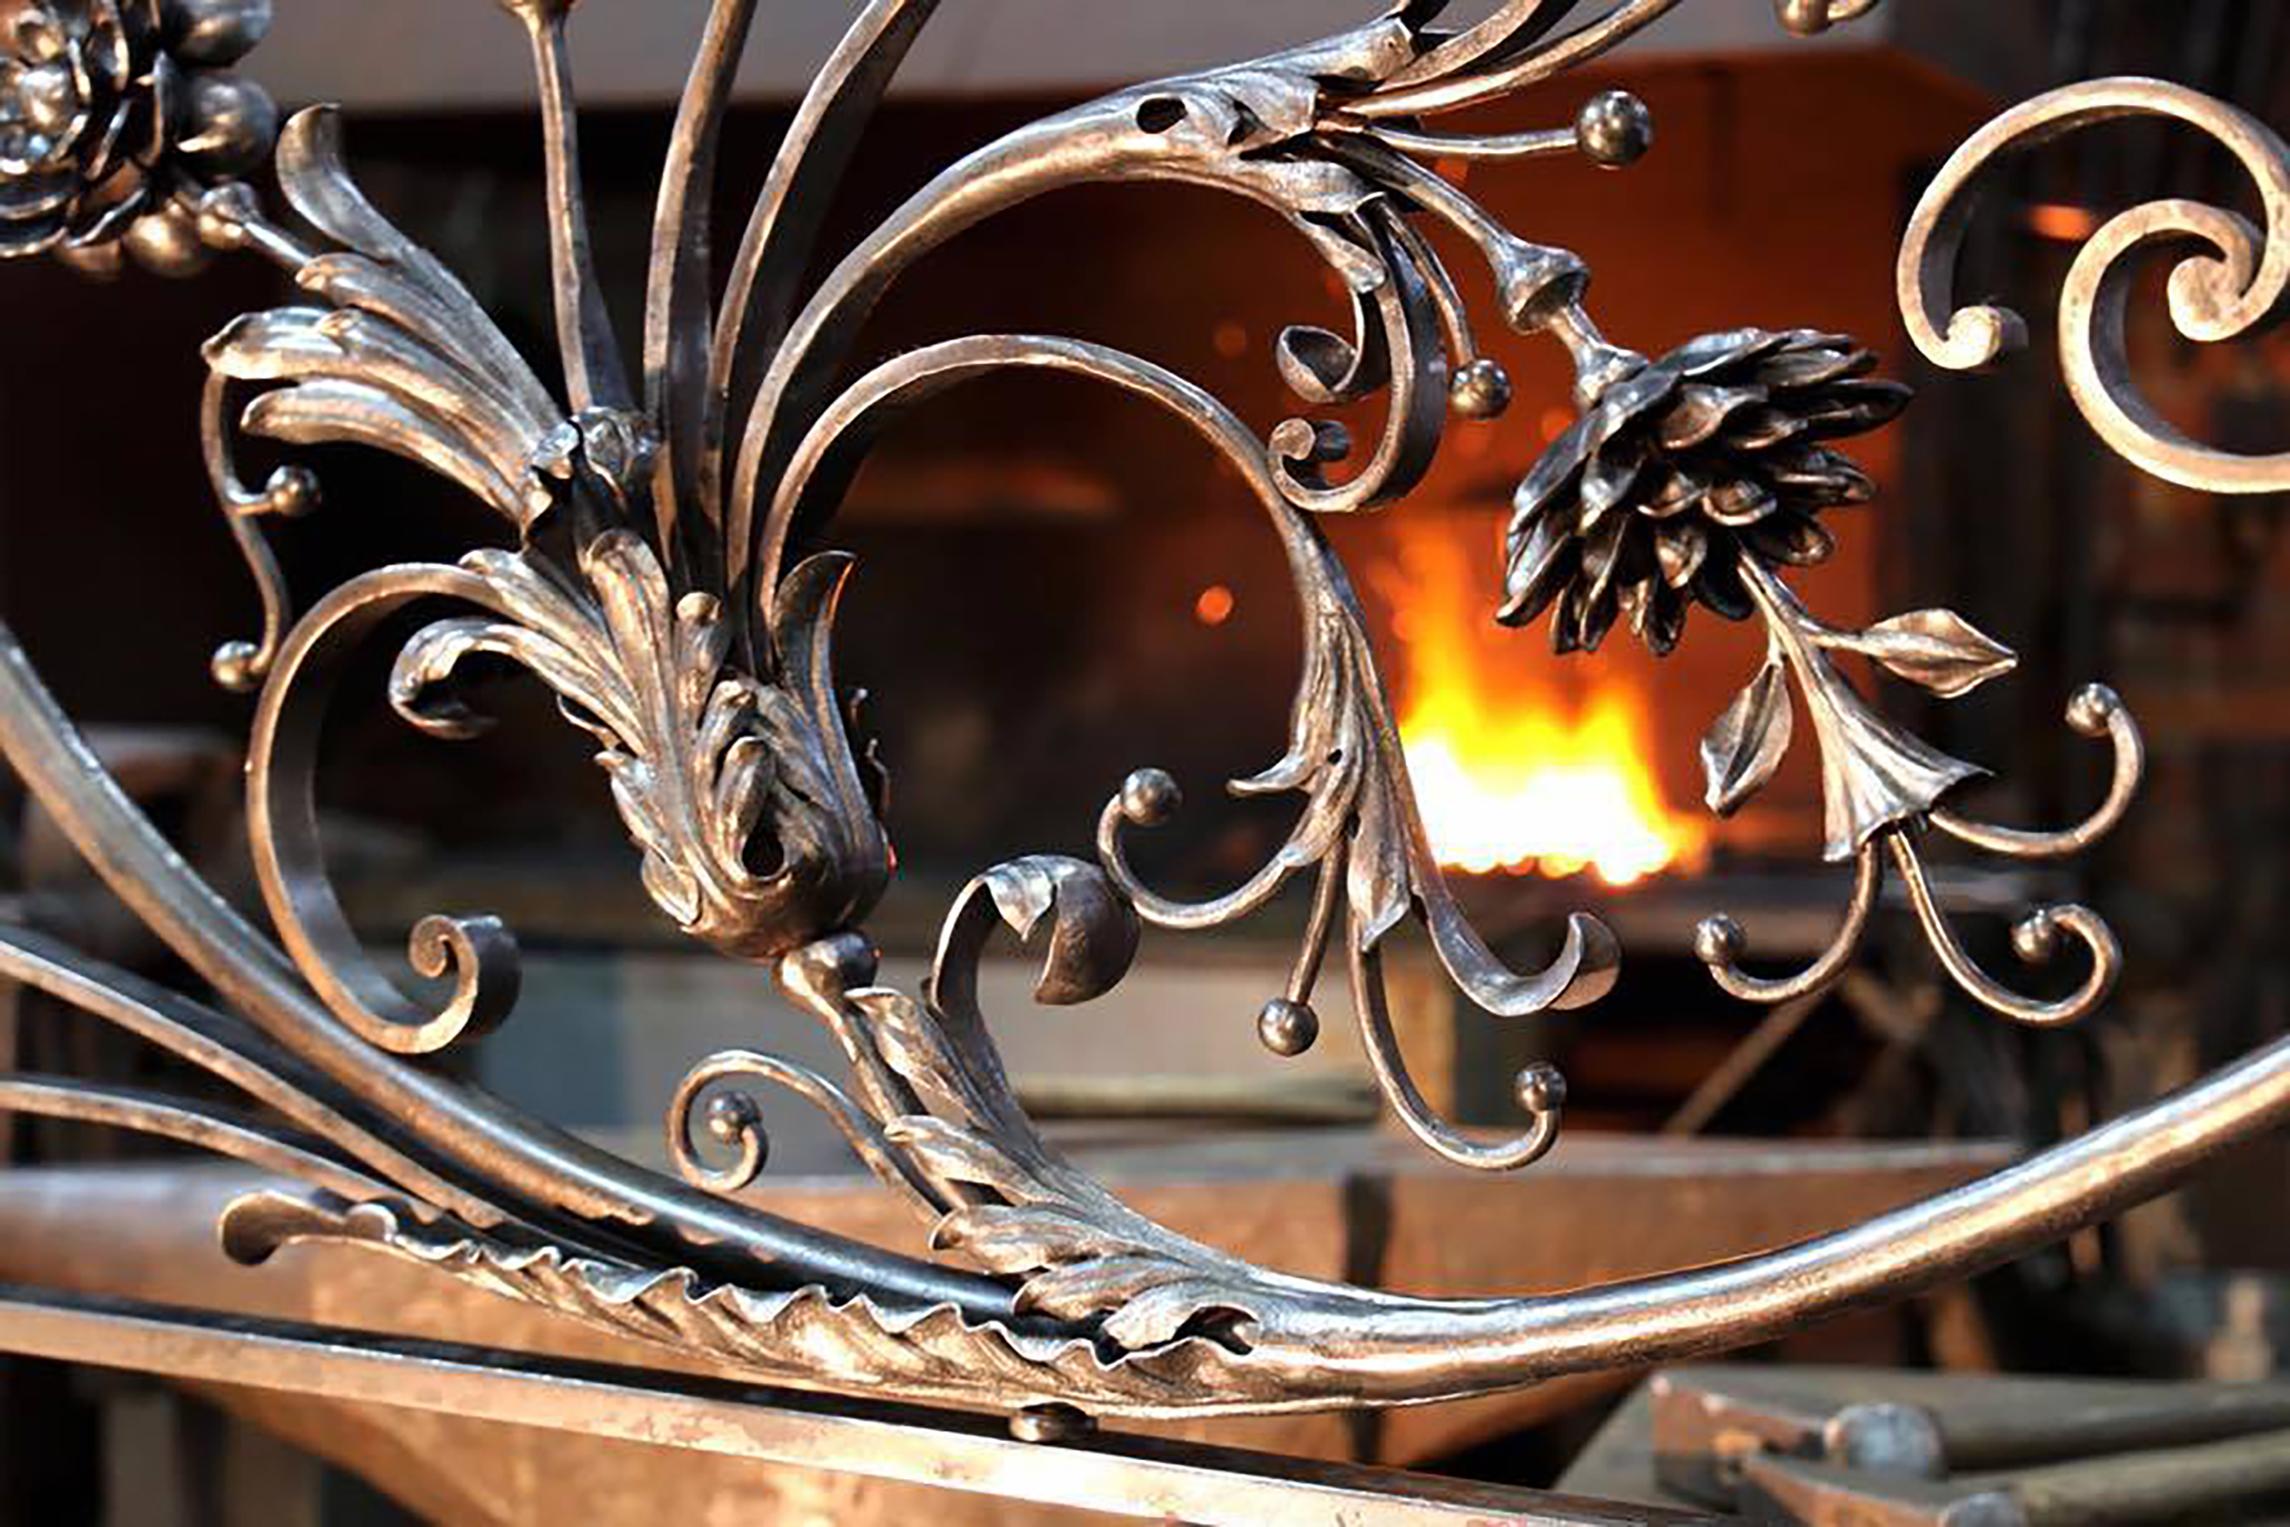 20 оригинальных идей использования кованых изделий дома и на приусадебном участке